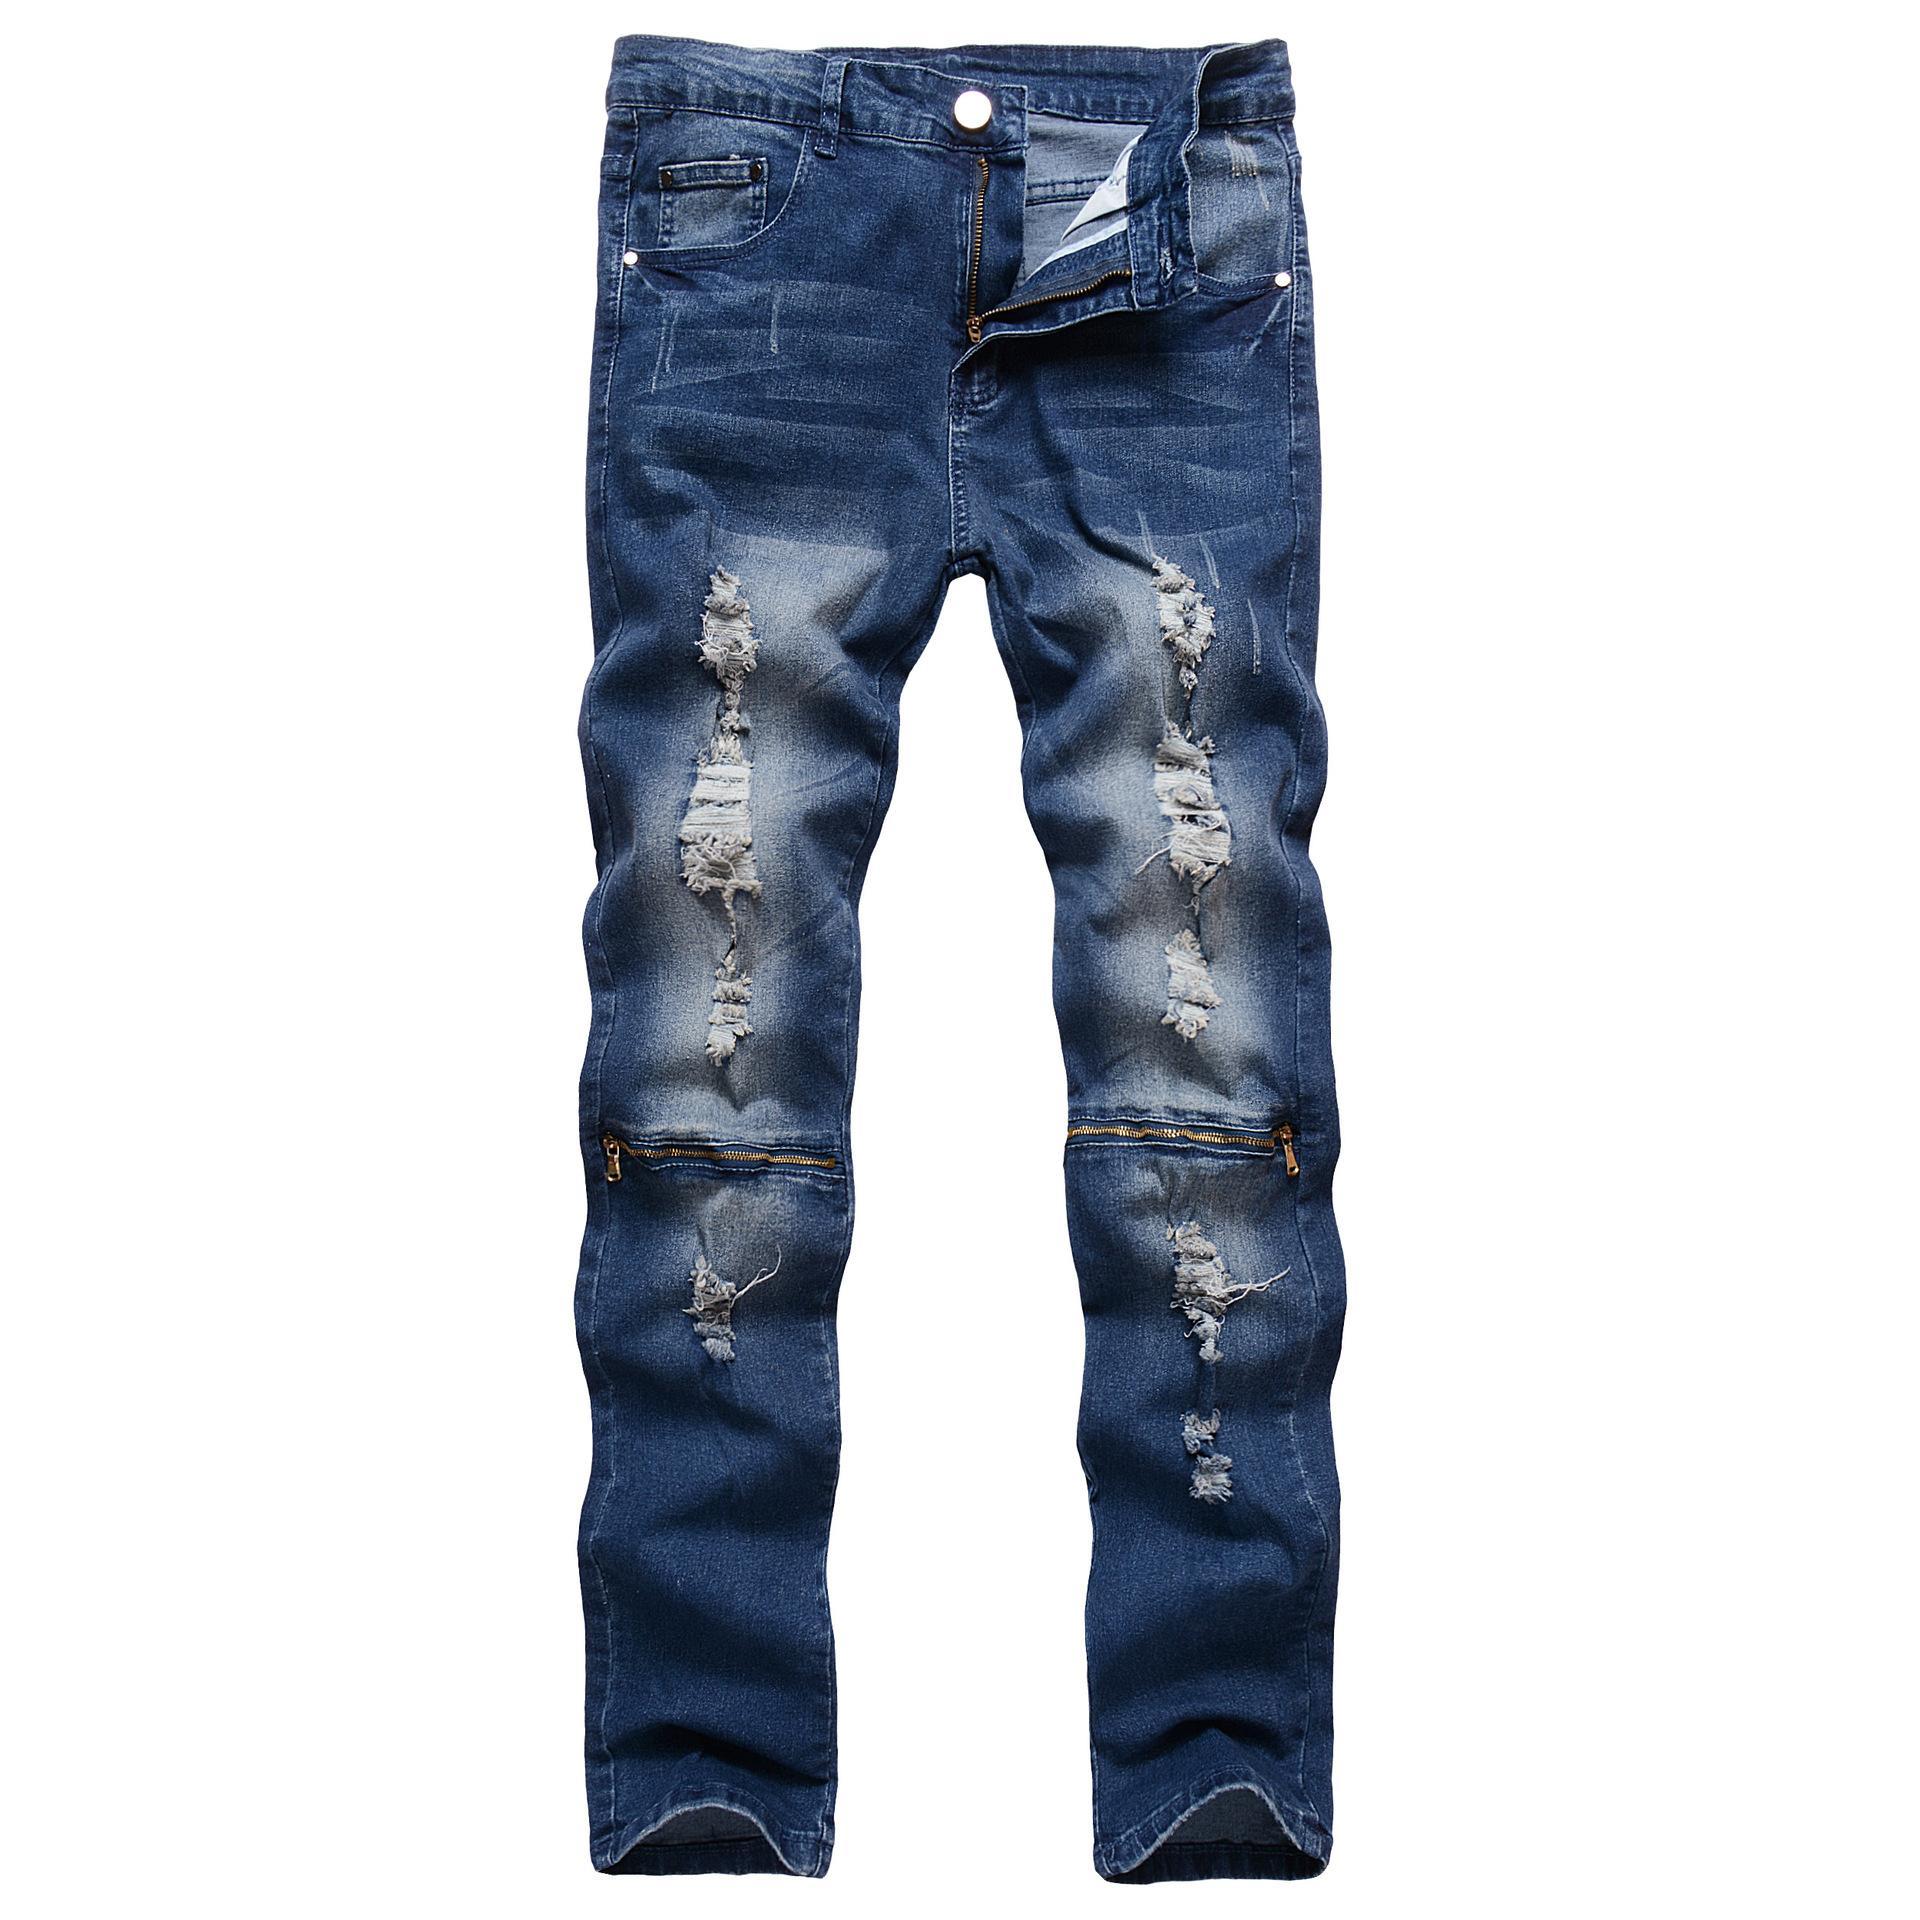 41c6390bc3 Compre Envío Gratis Para Hombre Robin Rock Revival Jeans Crystal Studs  Pantalones De Mezclilla Pantalones De Diseñador Para Hombre Talla 28 38  Nuevo A ...